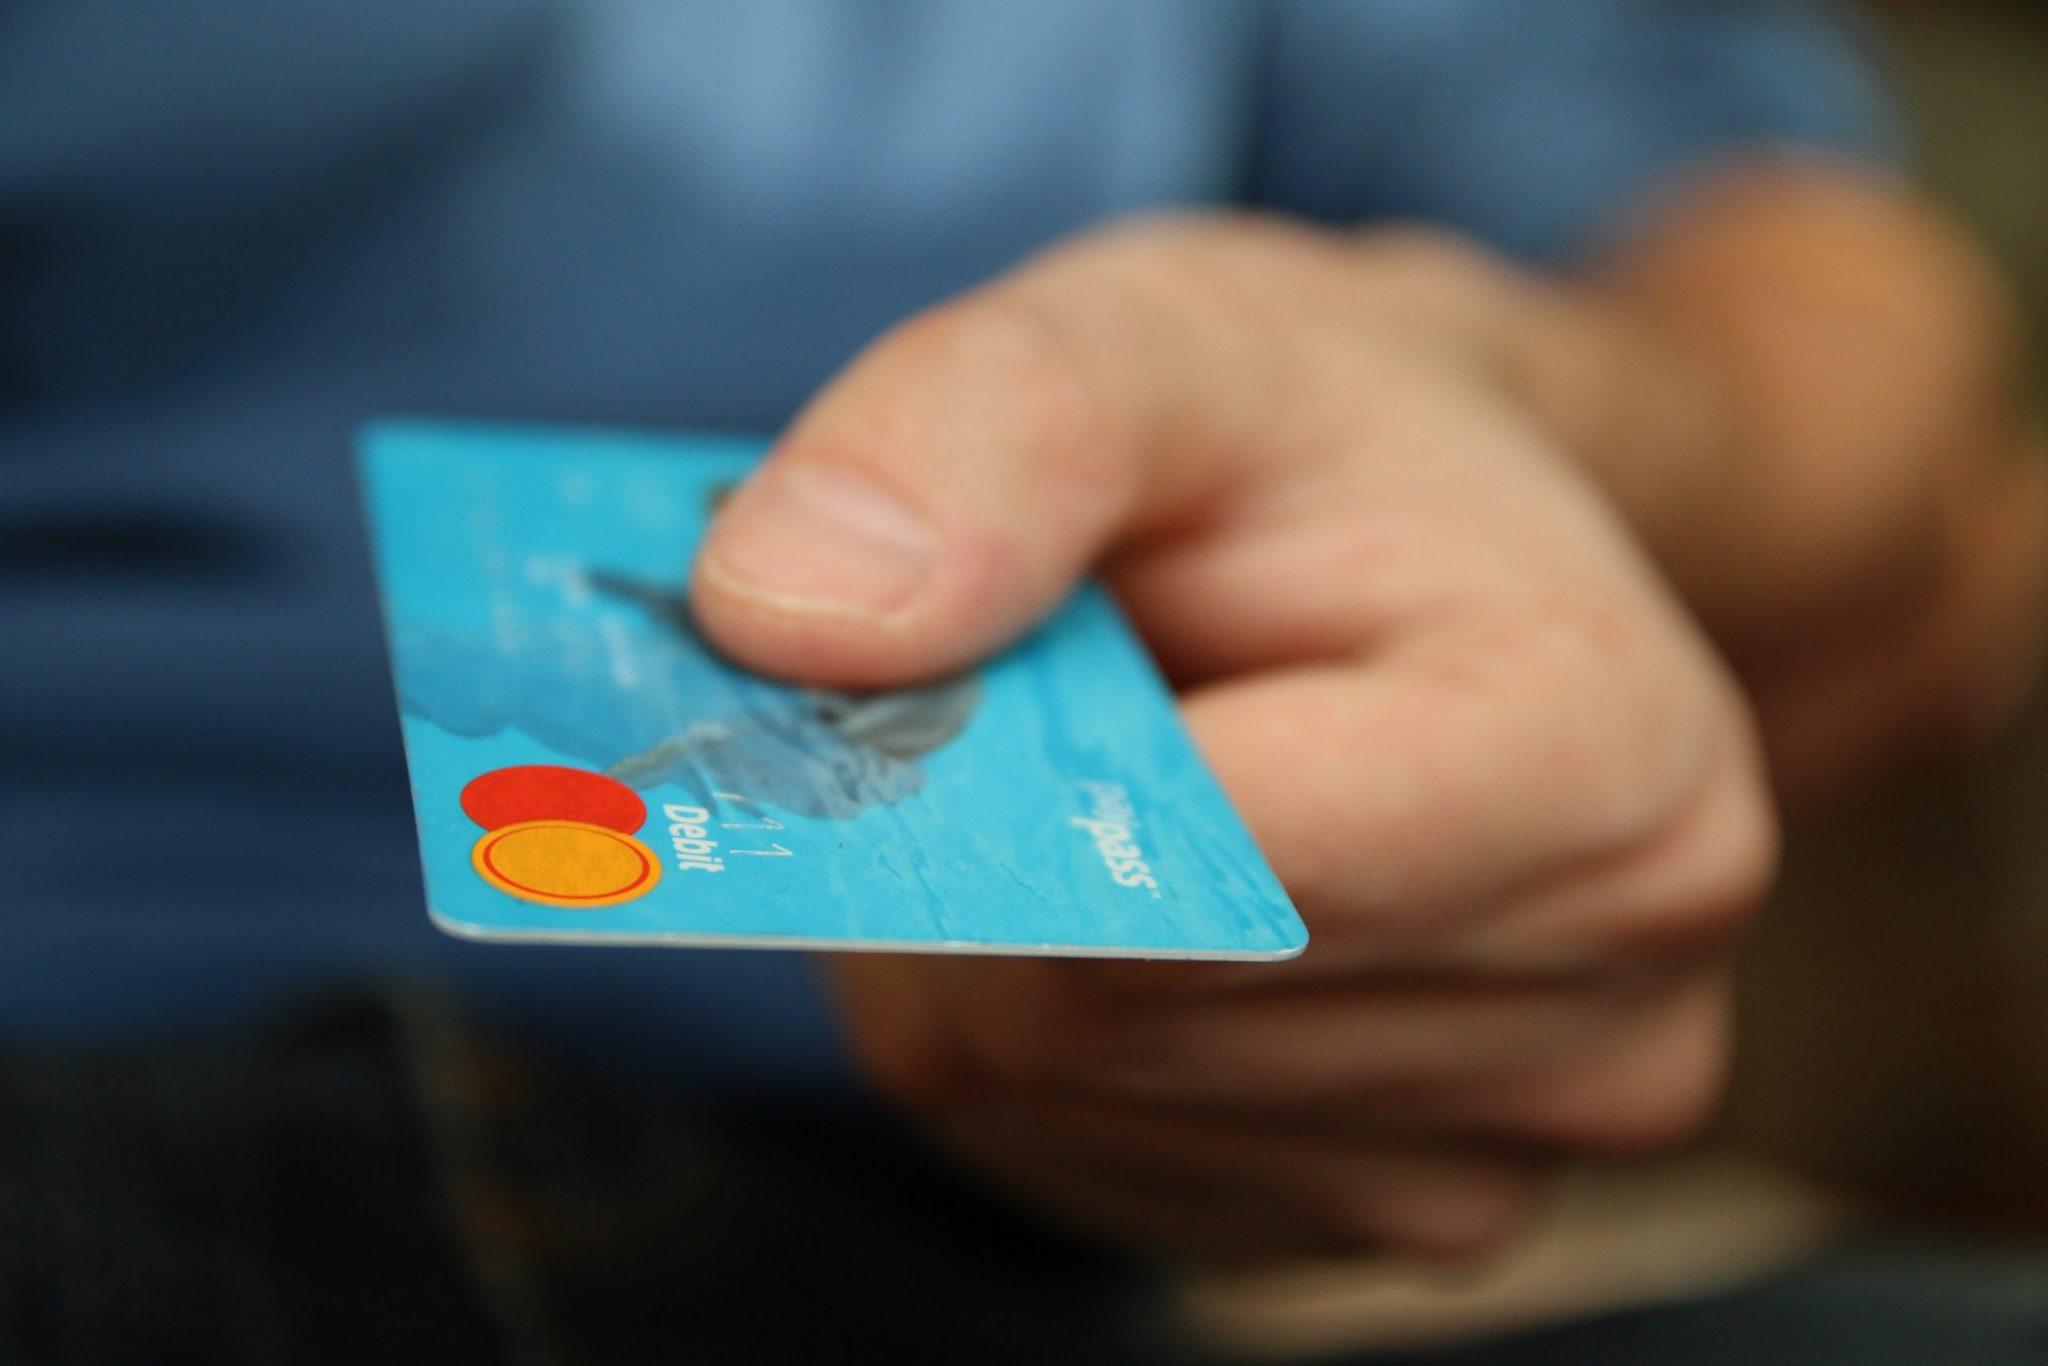 O sistema TEF - Transferência Eletrônica de Fundos - permite que o empreendedor aceite pagamentos via cartões de crédito e débito.